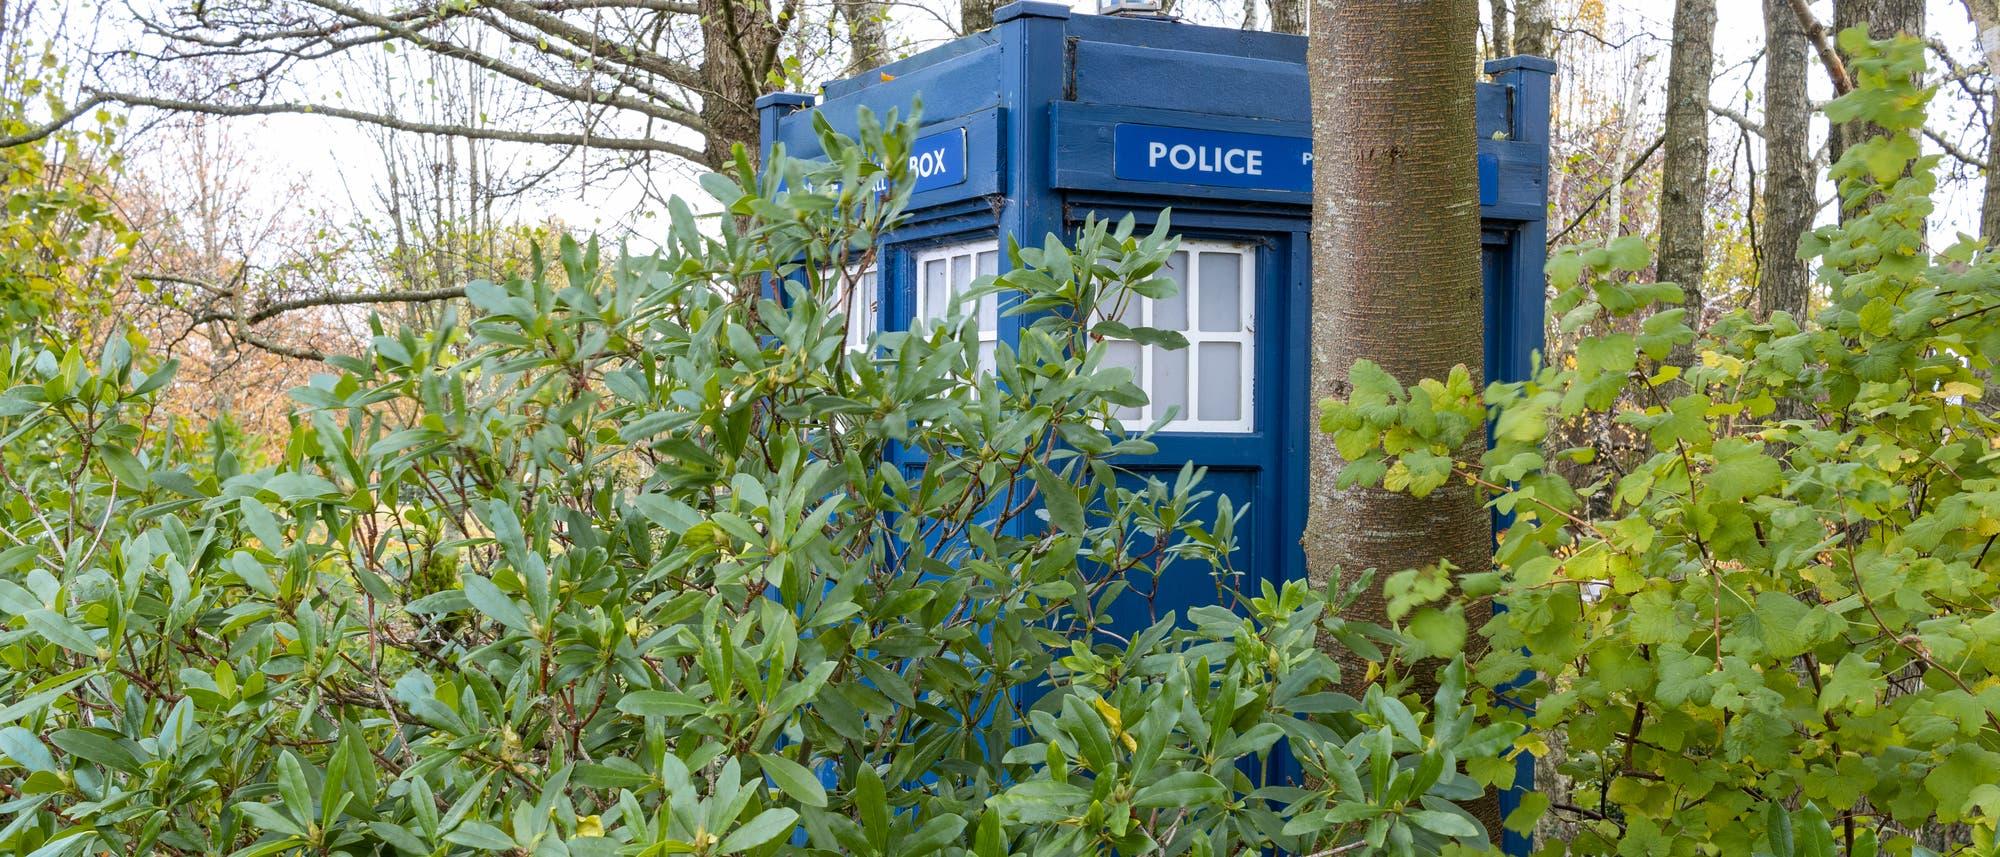 """Eine blaue Telefonzelle mit der Aufschrift """"Police Box"""" hinter Blättern."""